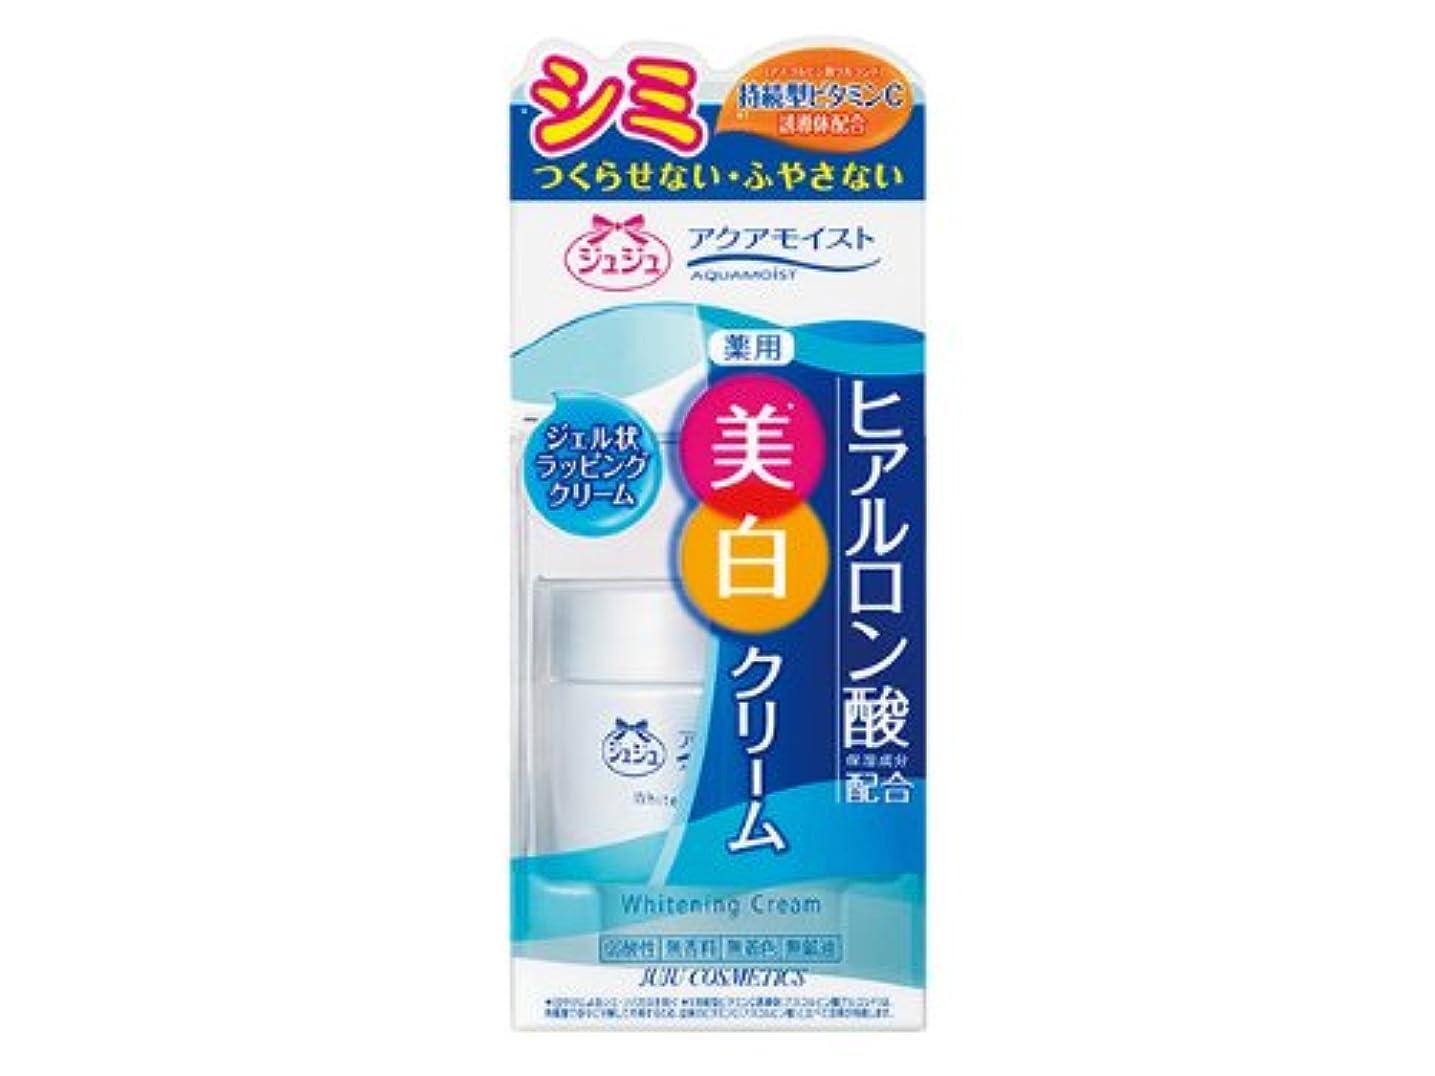 アクアモイストC 薬用ホワイトニングクリームH 50g 【医薬部外品】